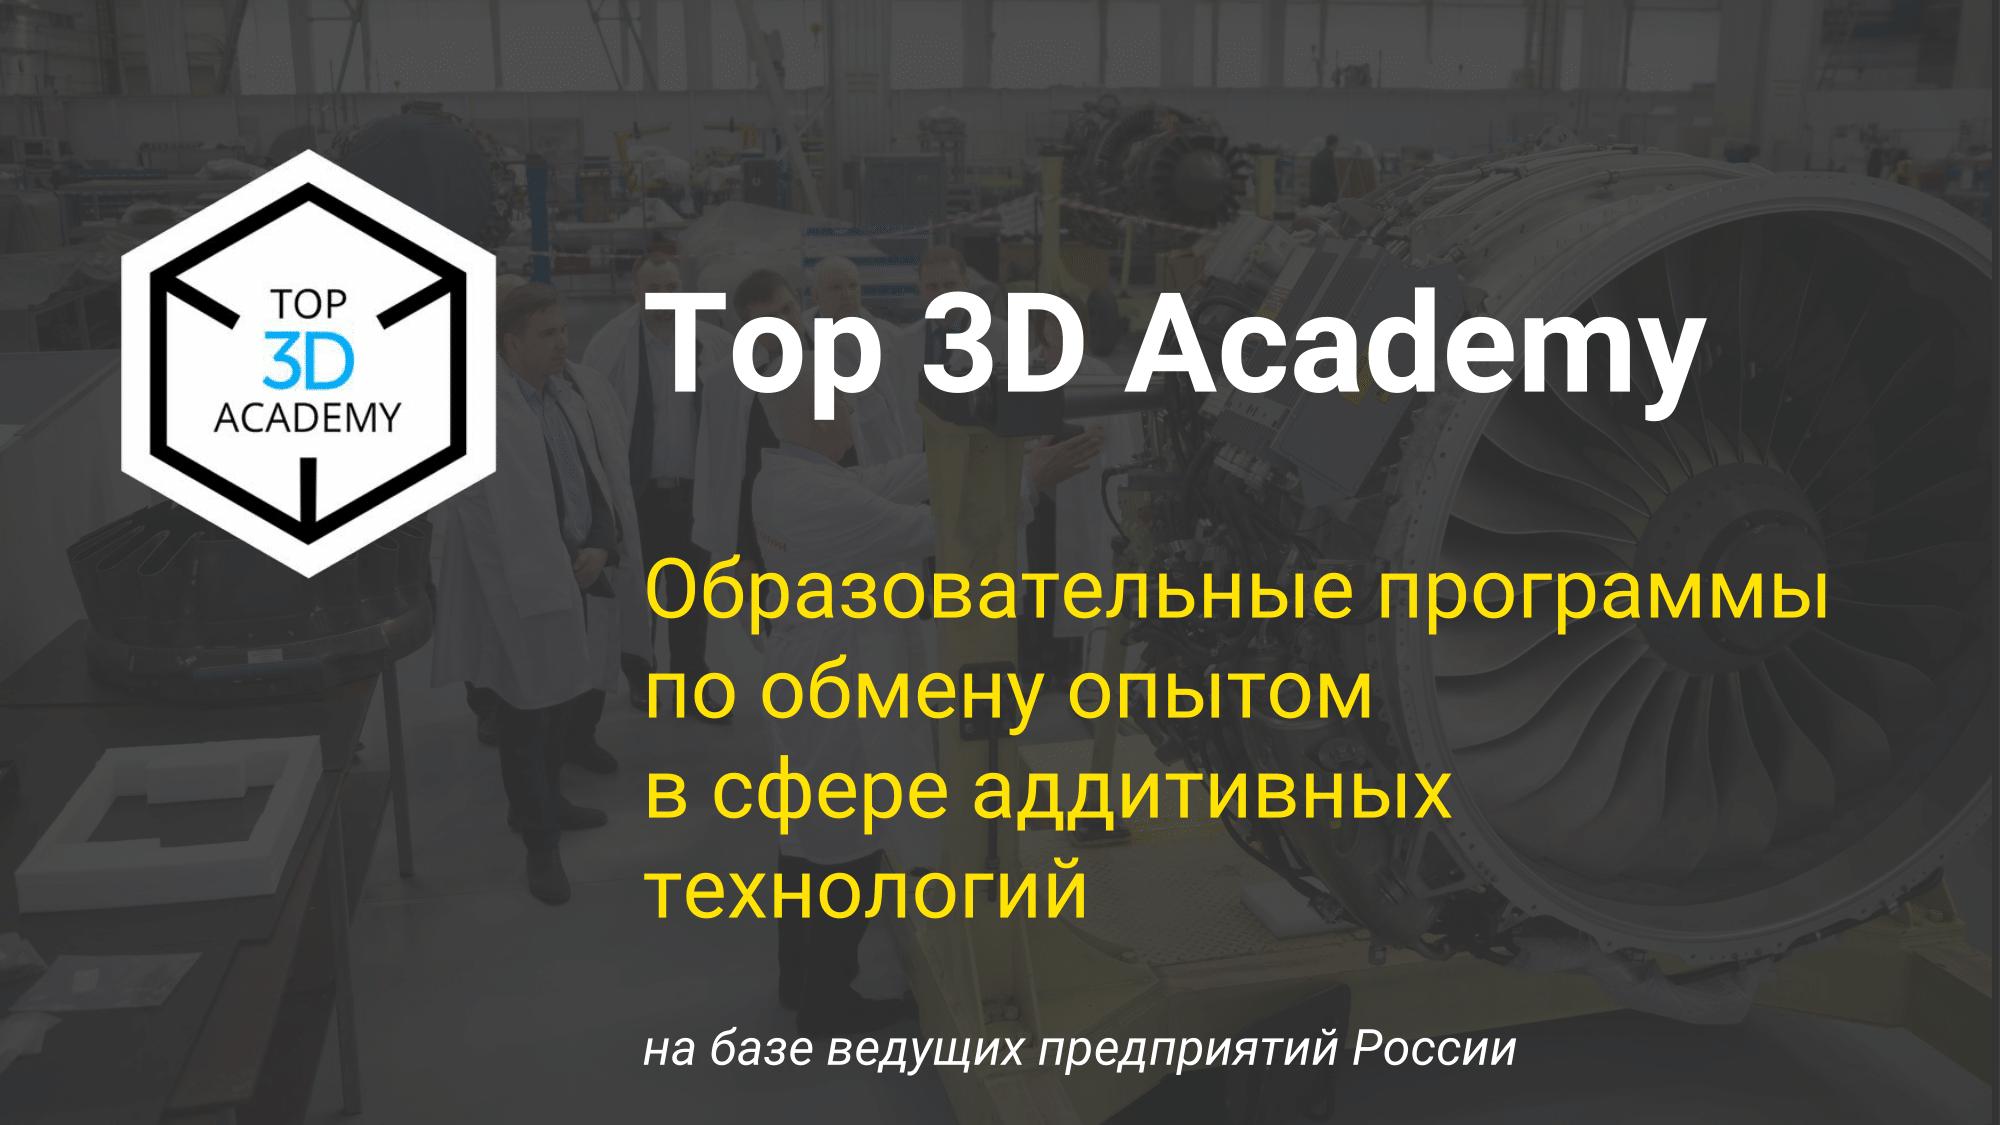 Top 3D Academy — обучение аддитивным технологиям на ведущих предприятиях России